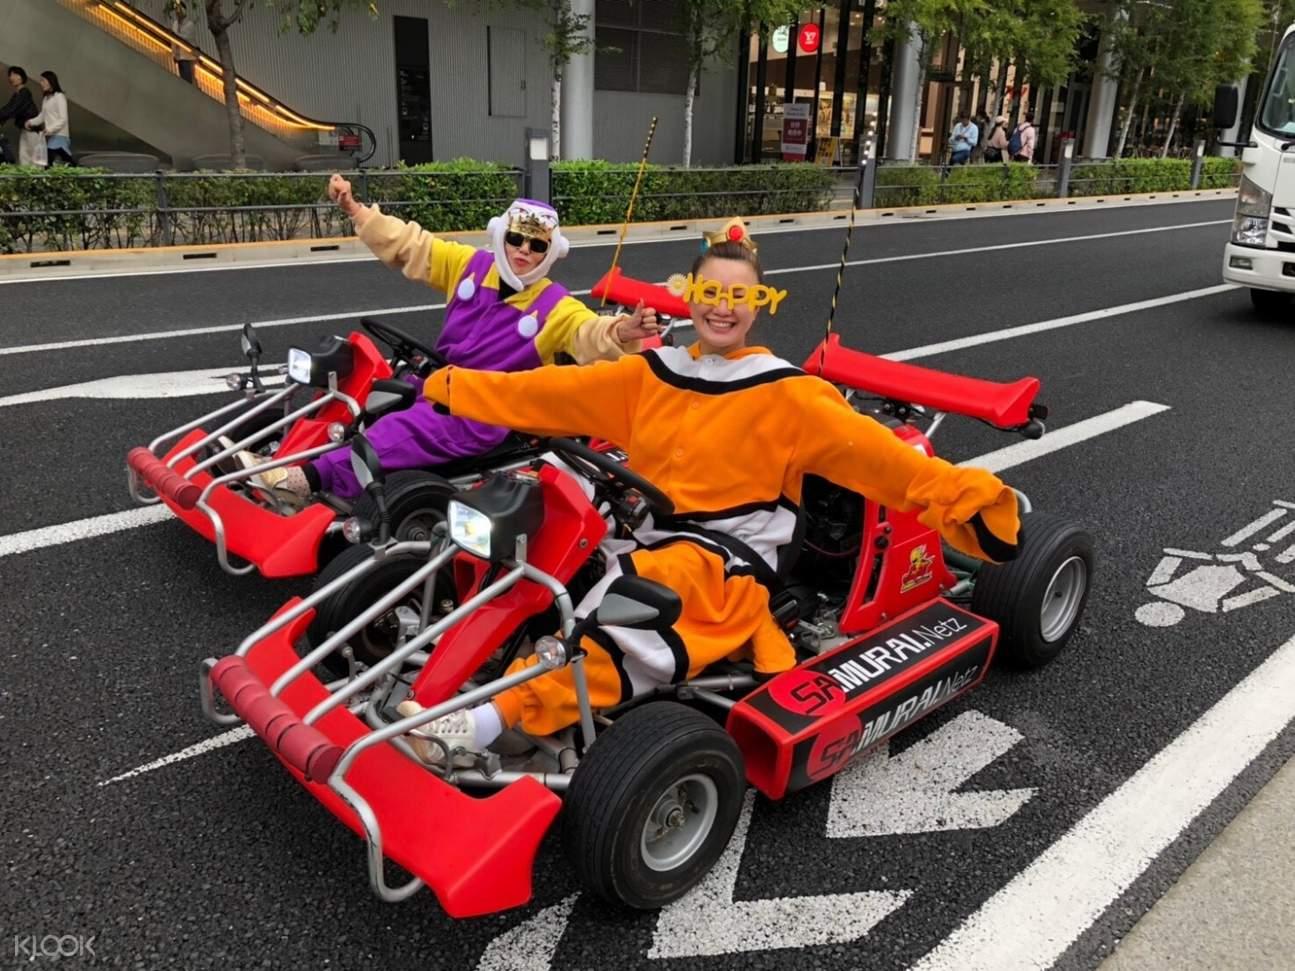 淺草卡丁車,跑跑卡丁車在東京,東京玩卡丁車